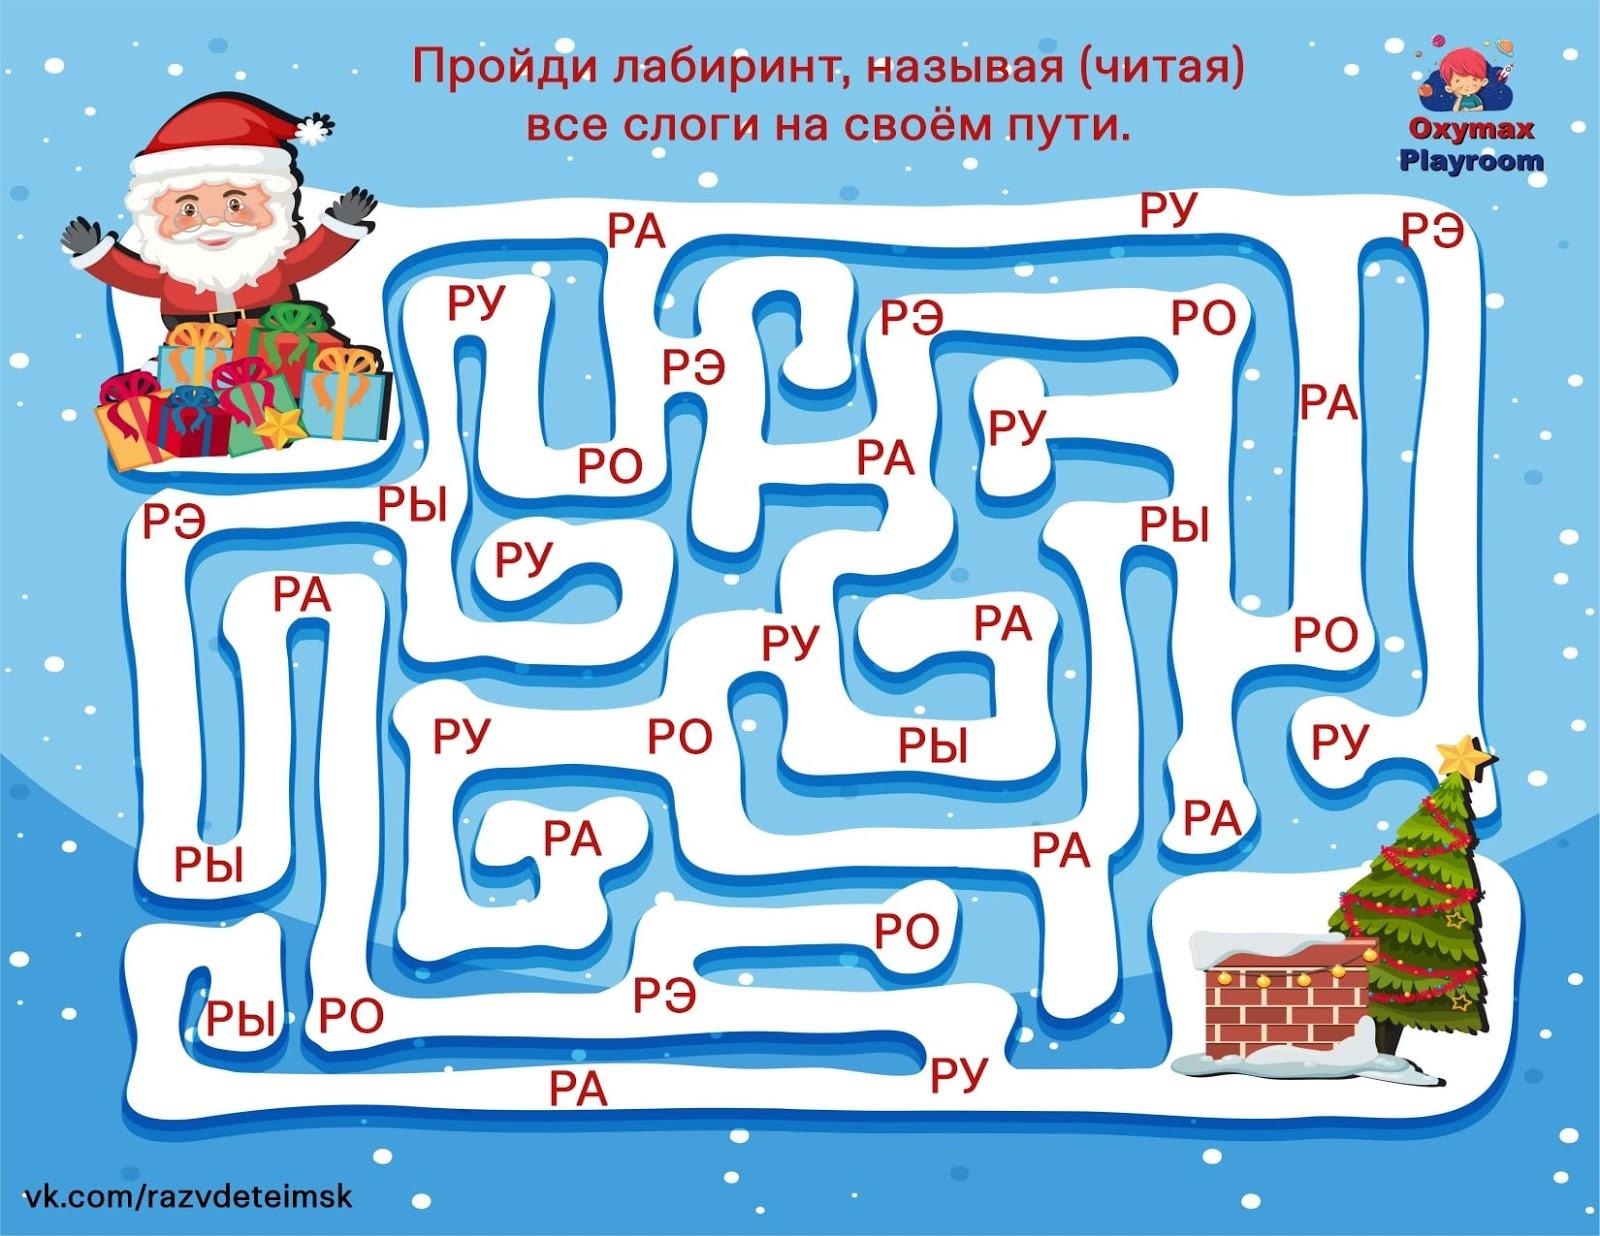 гей форум учителей логопедов